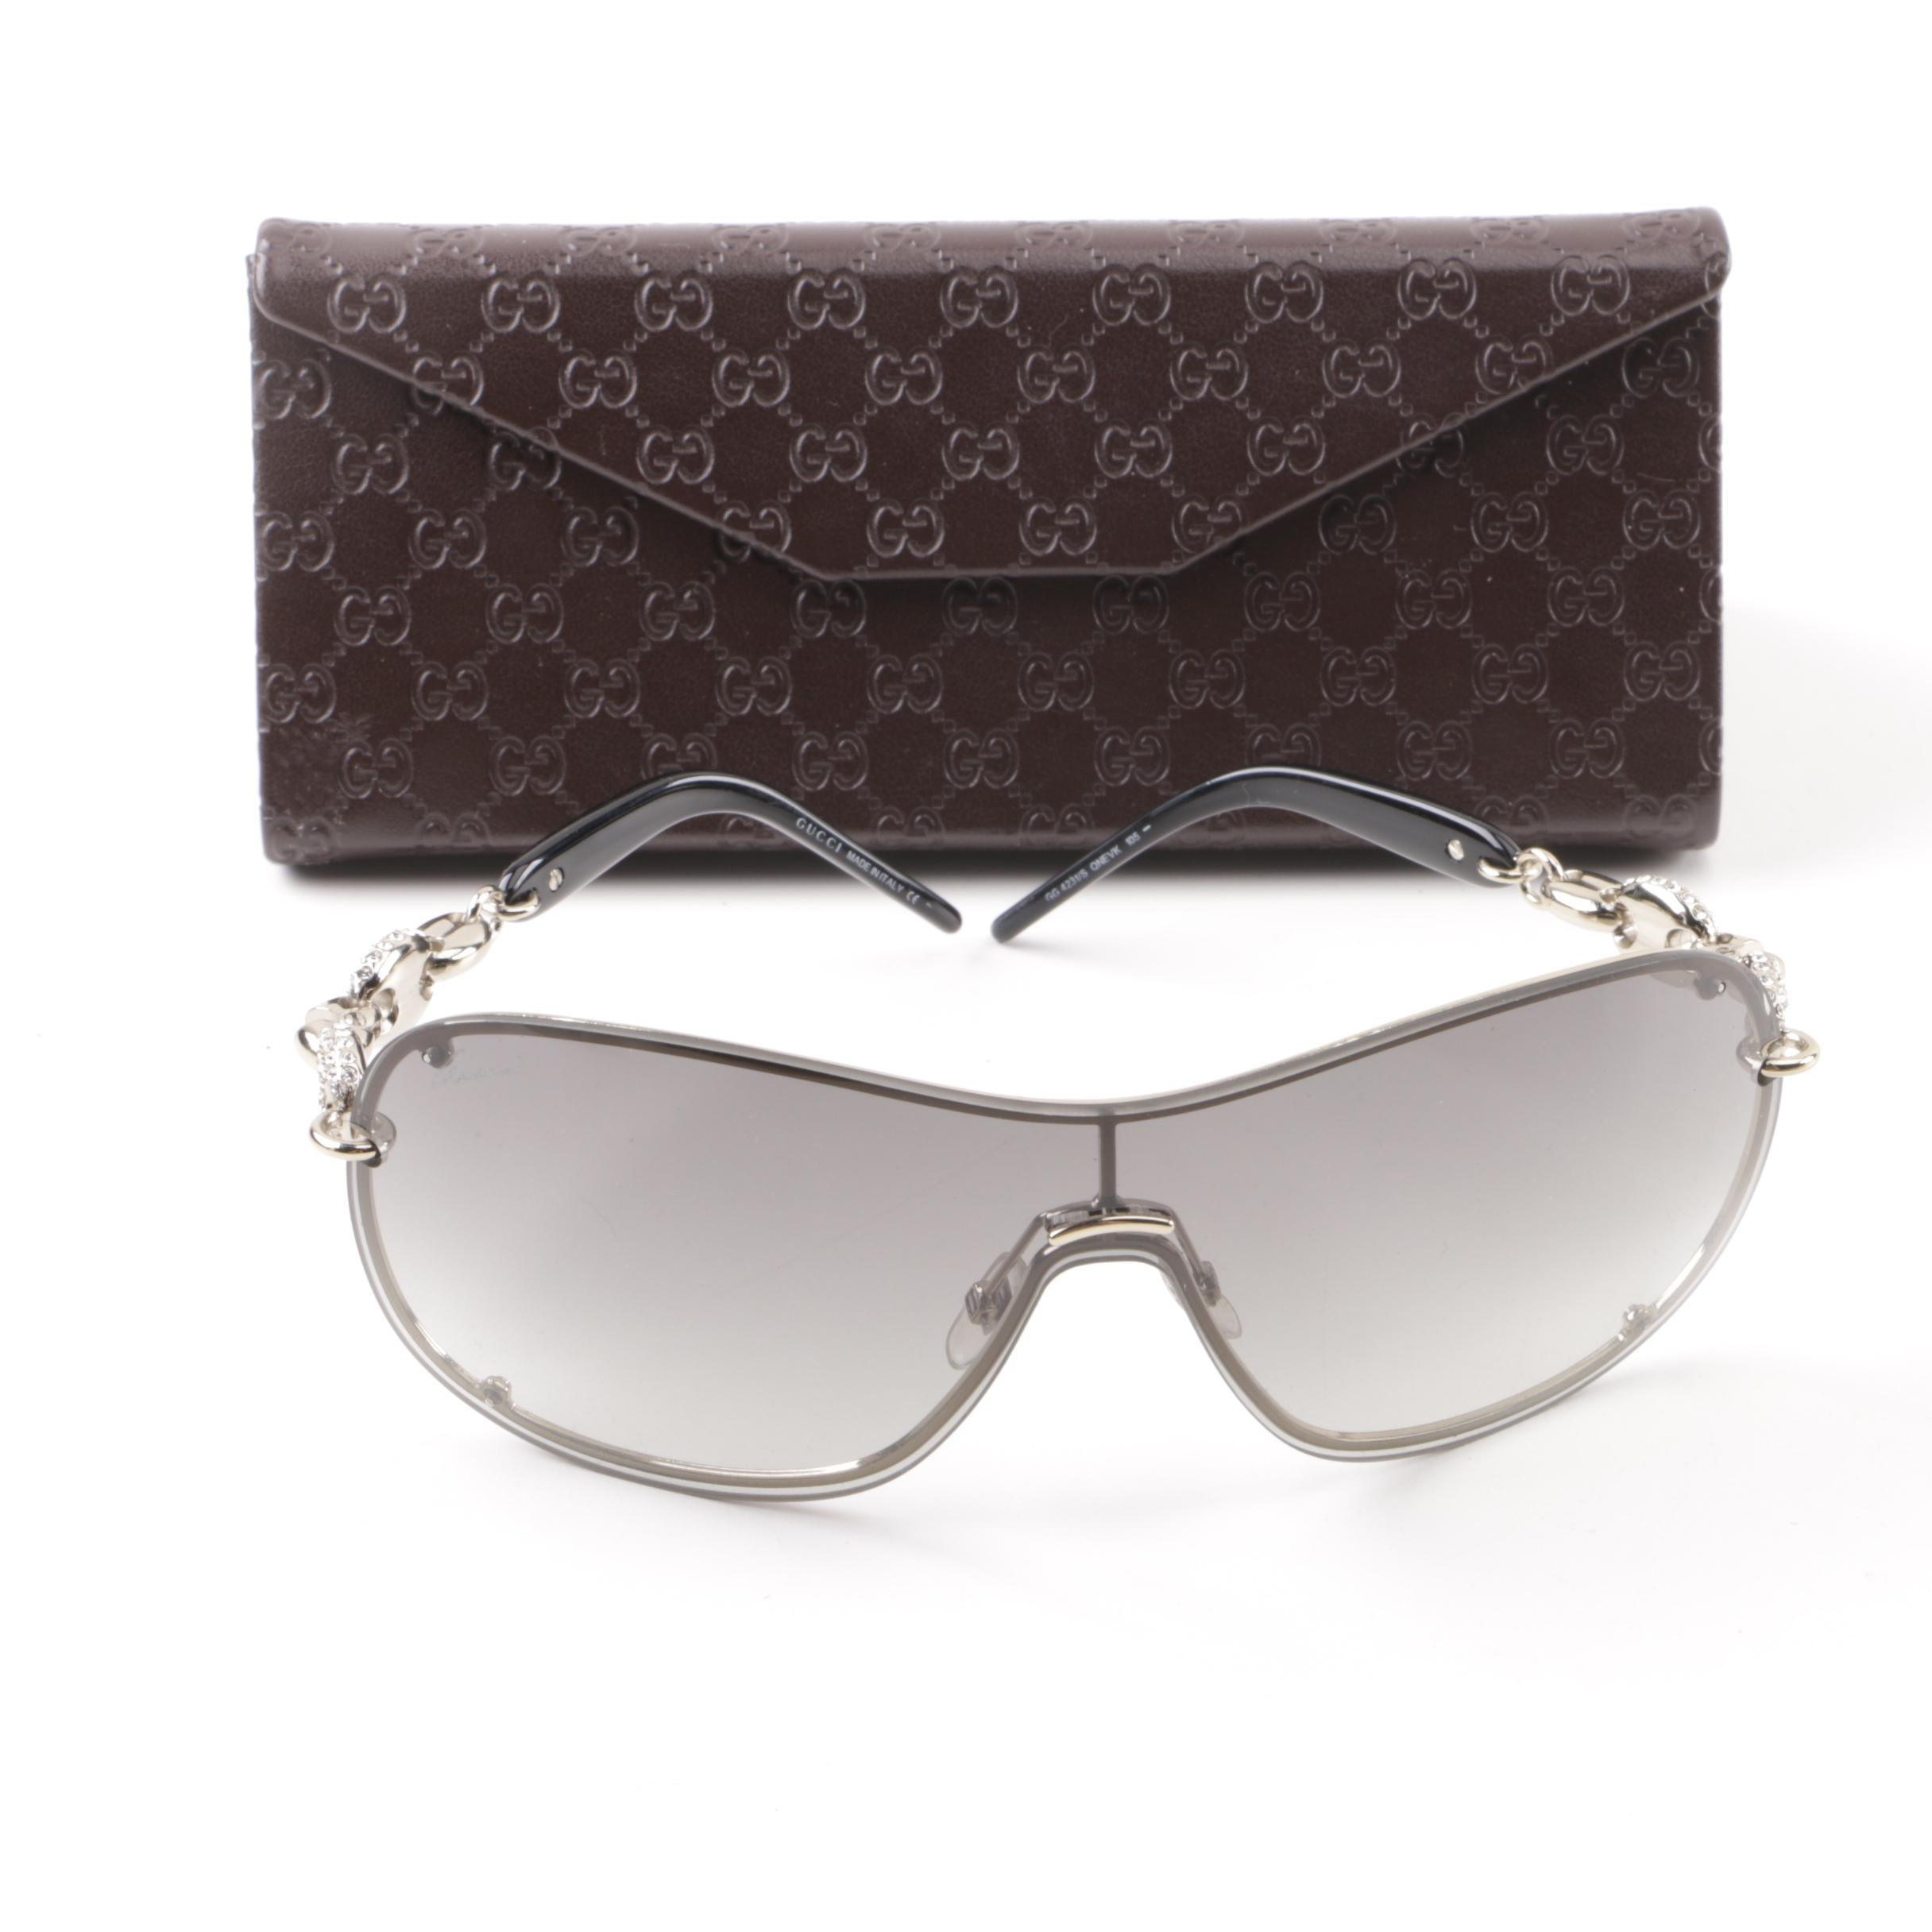 Gucci GG 4231/S Shield Sunglasses with Case